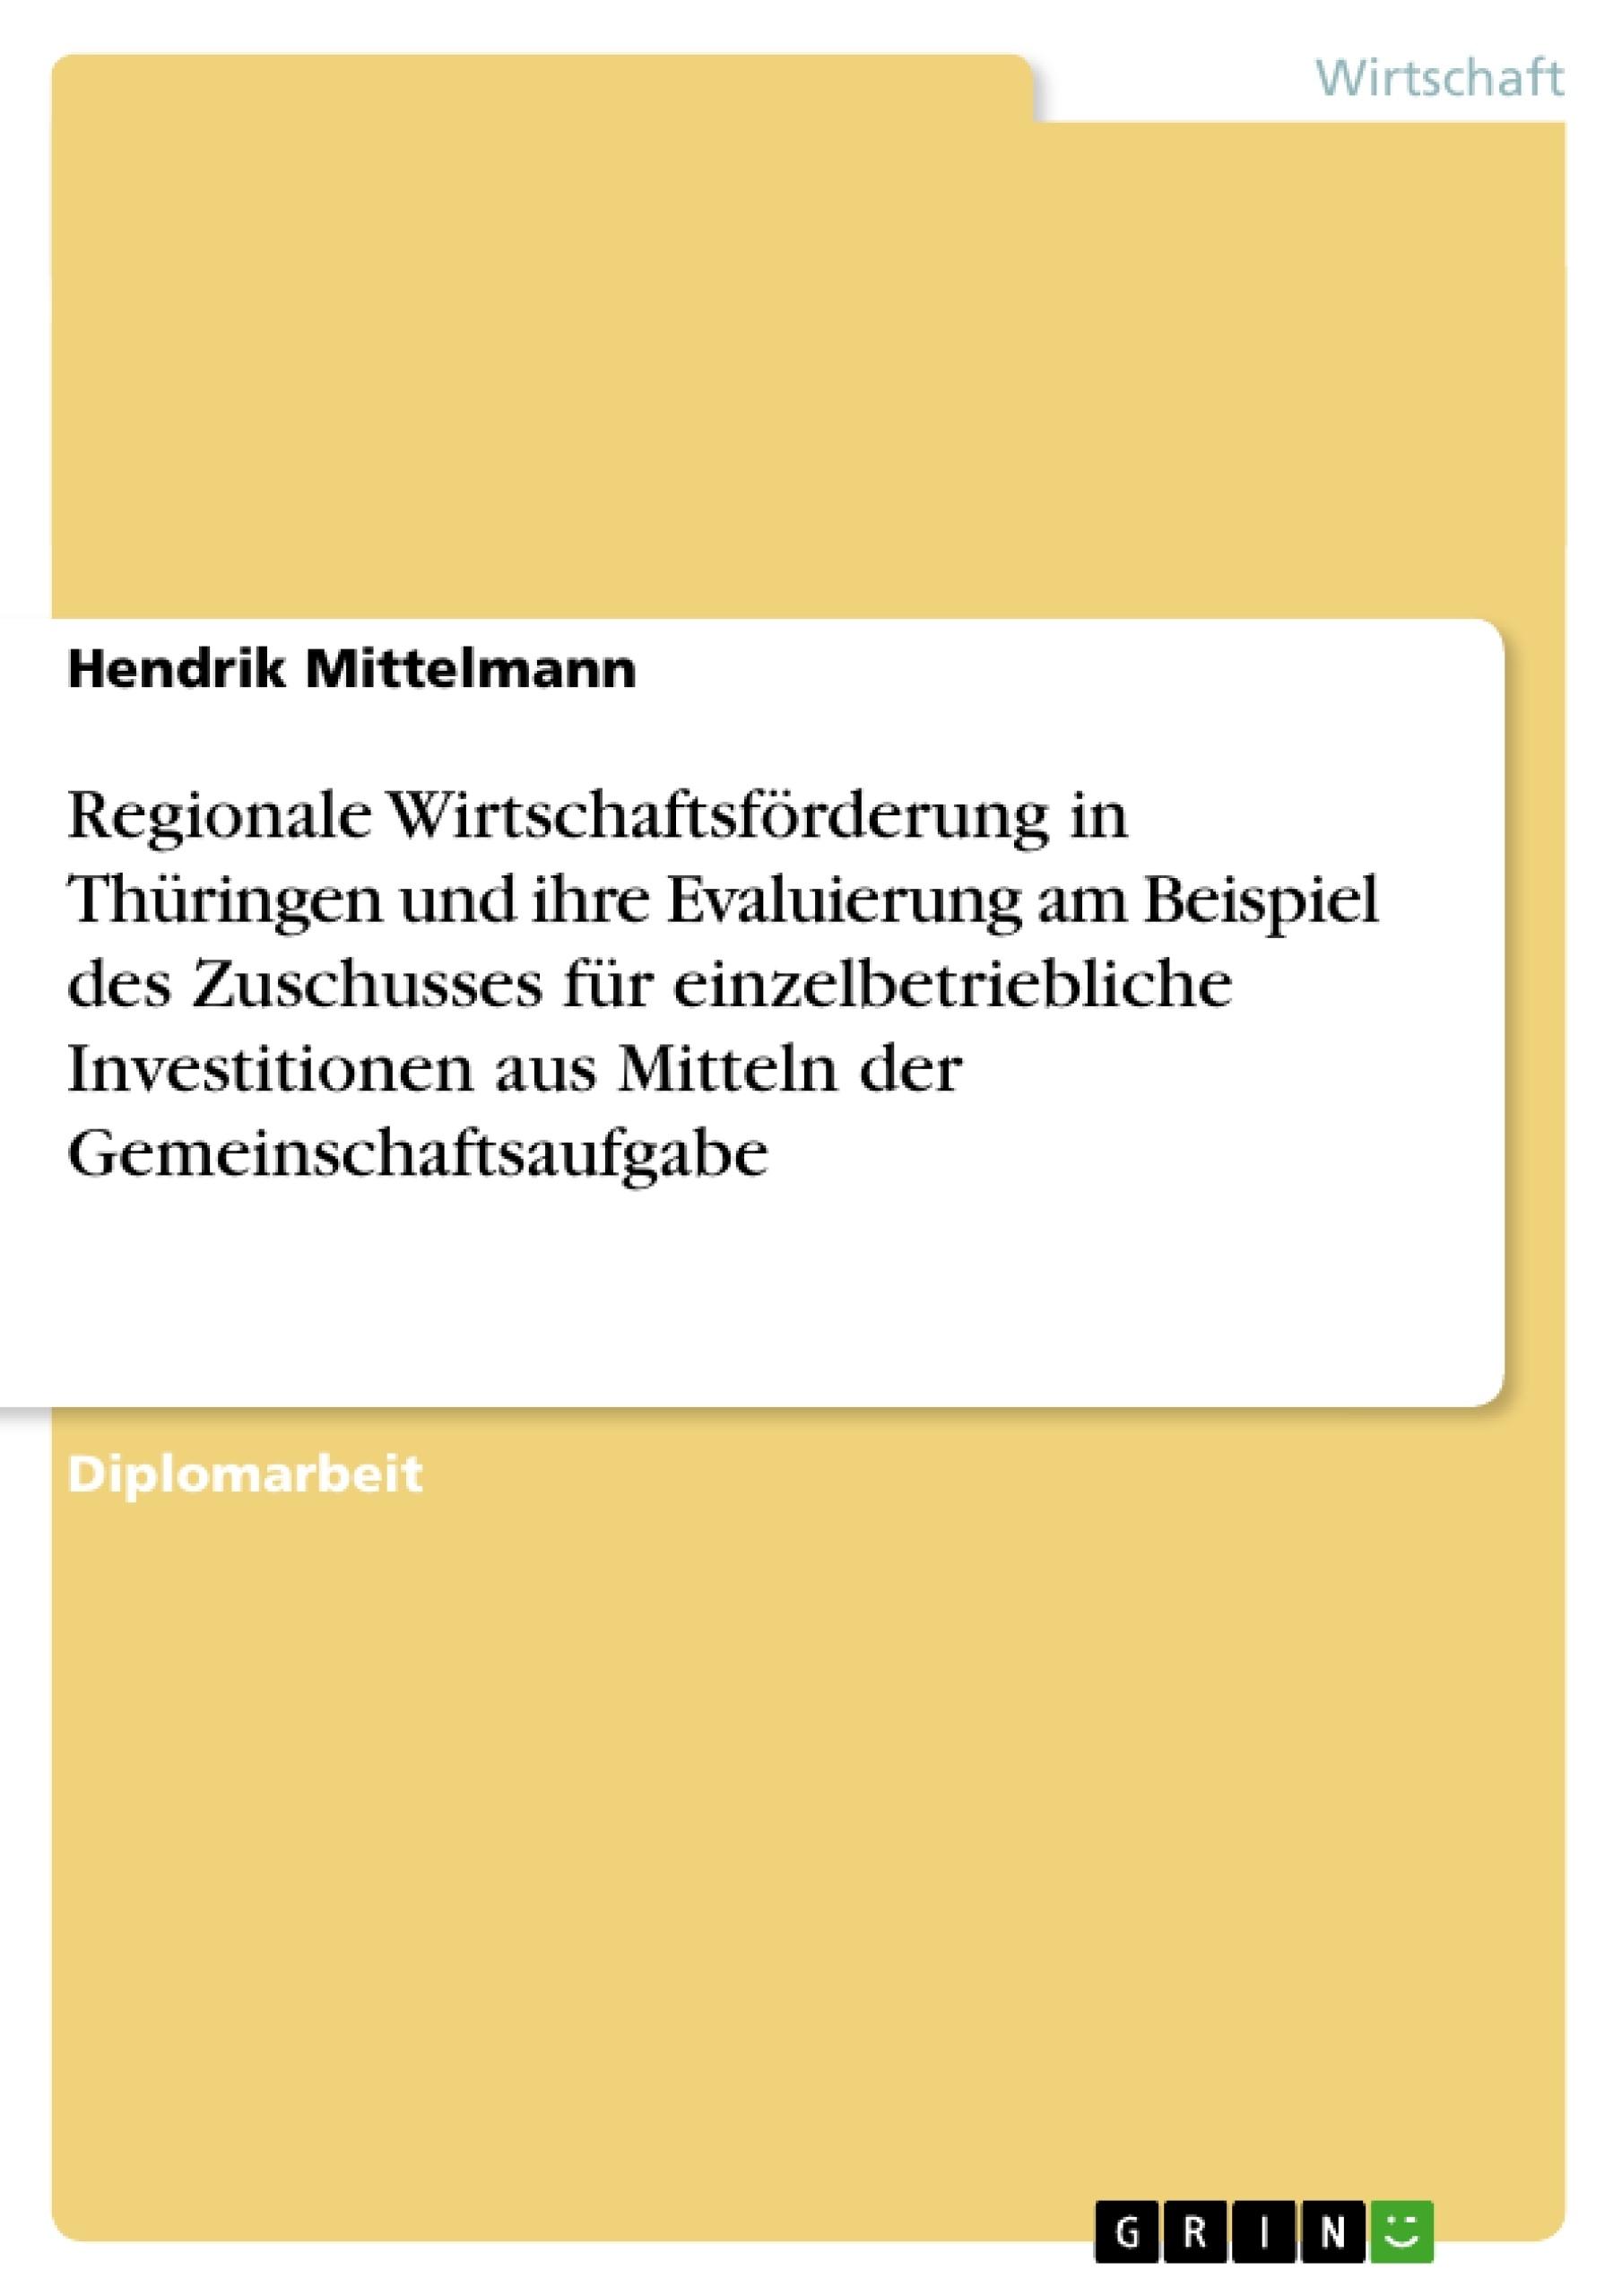 Titel: Regionale Wirtschaftsförderung in Thüringen und ihre Evaluierung am Beispiel des Zuschusses für einzelbetriebliche Investitionen aus Mitteln der Gemeinschaftsaufgabe